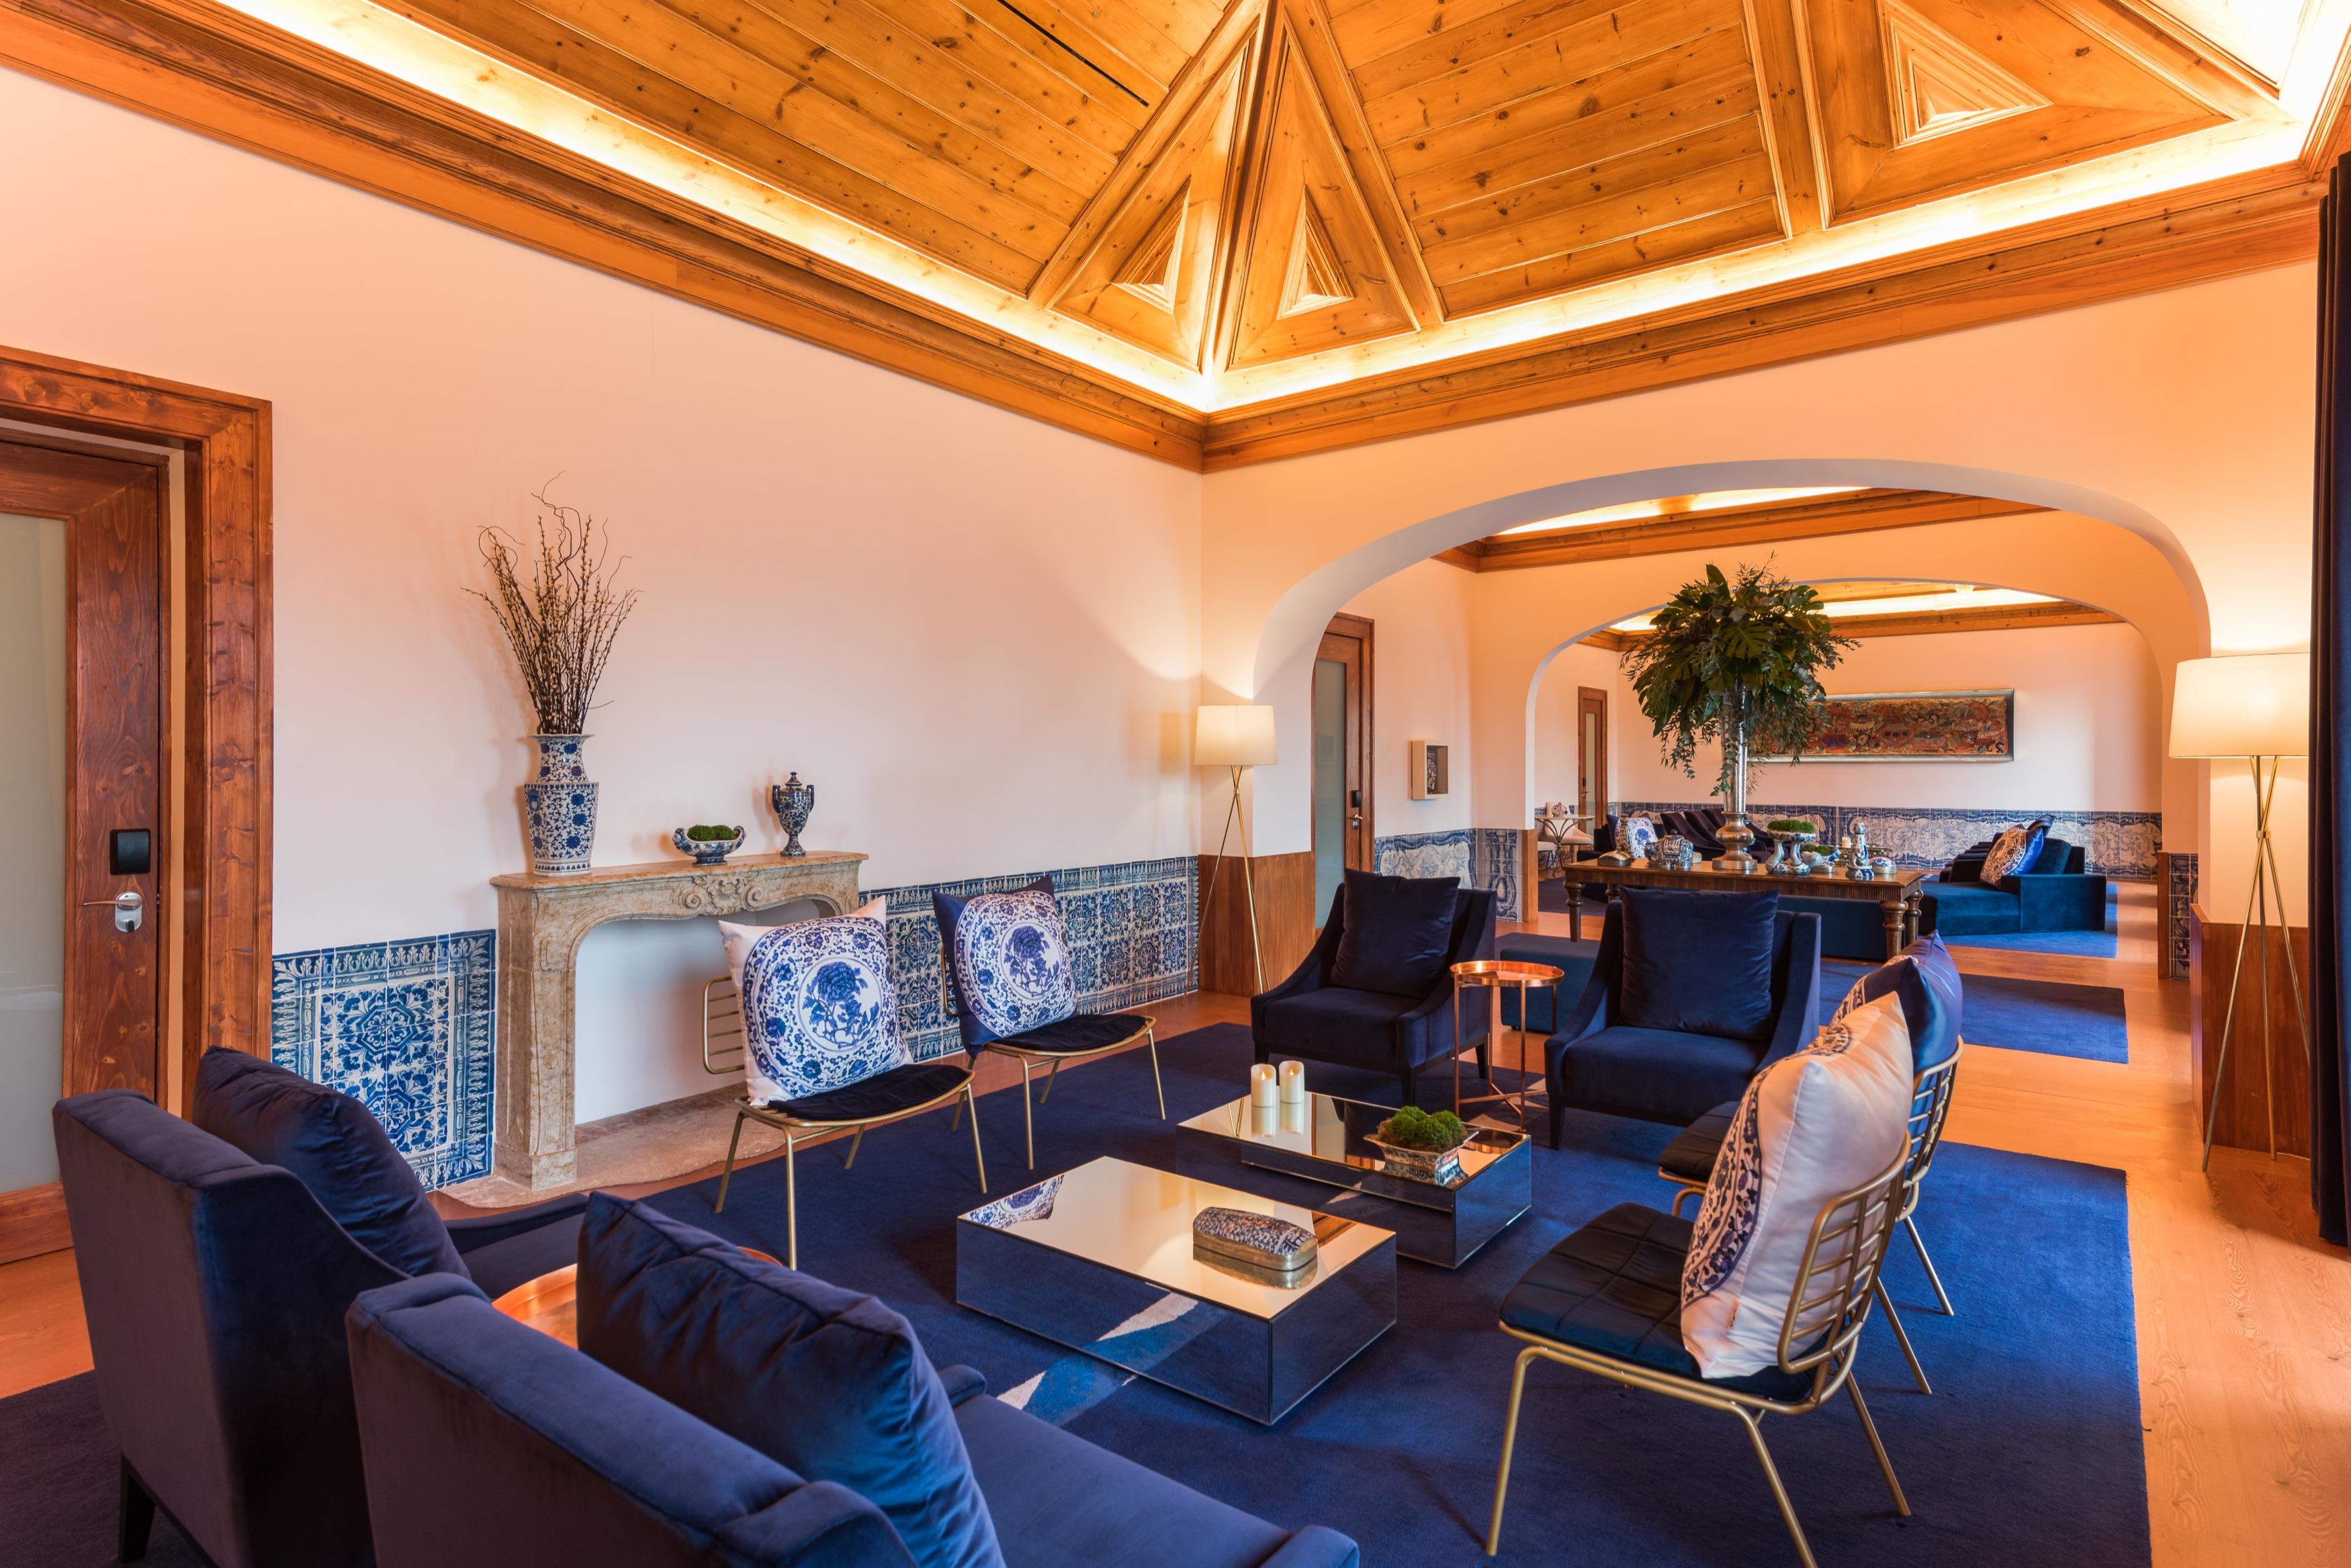 Salon Principal du Palacio do Governador - Hotel 5 etoiles - Lisbonne